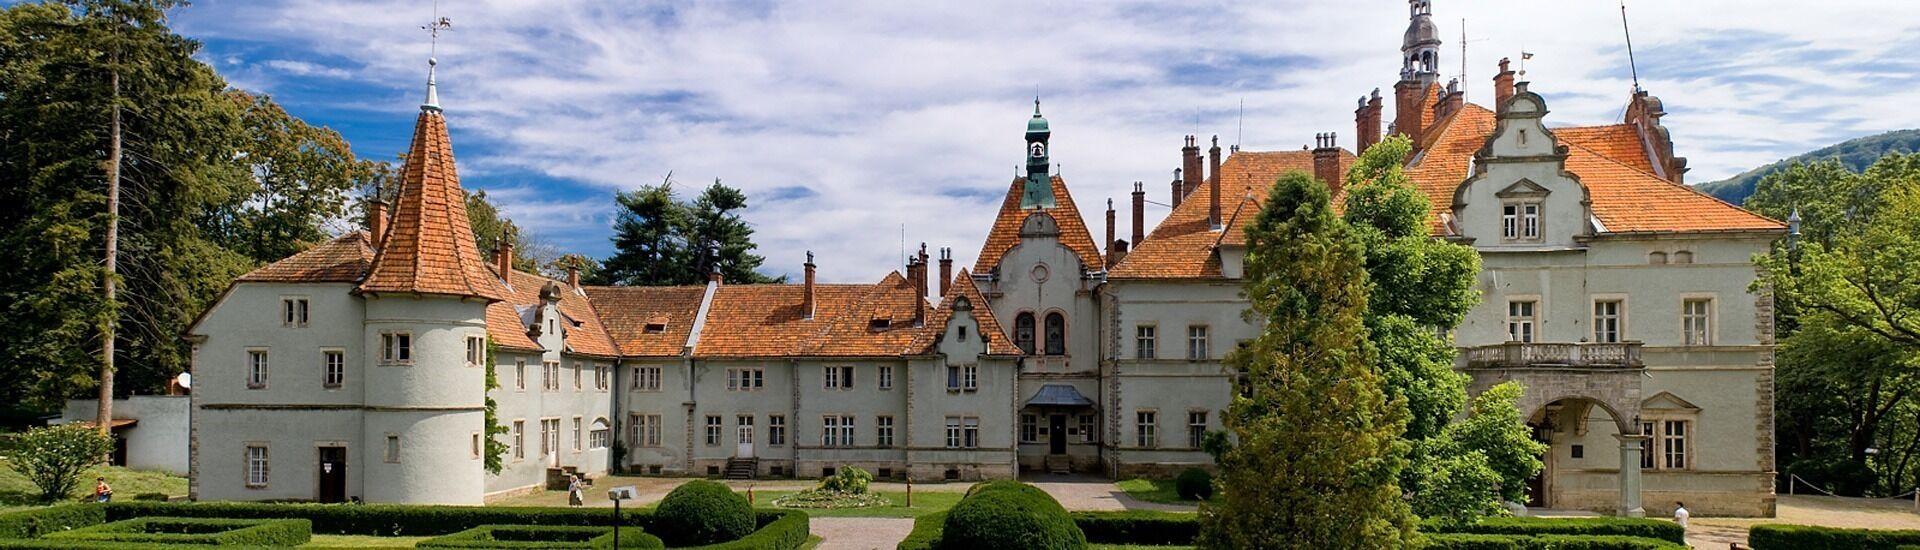 Замок Берегвар – романтична резиденція графів Шенборн.